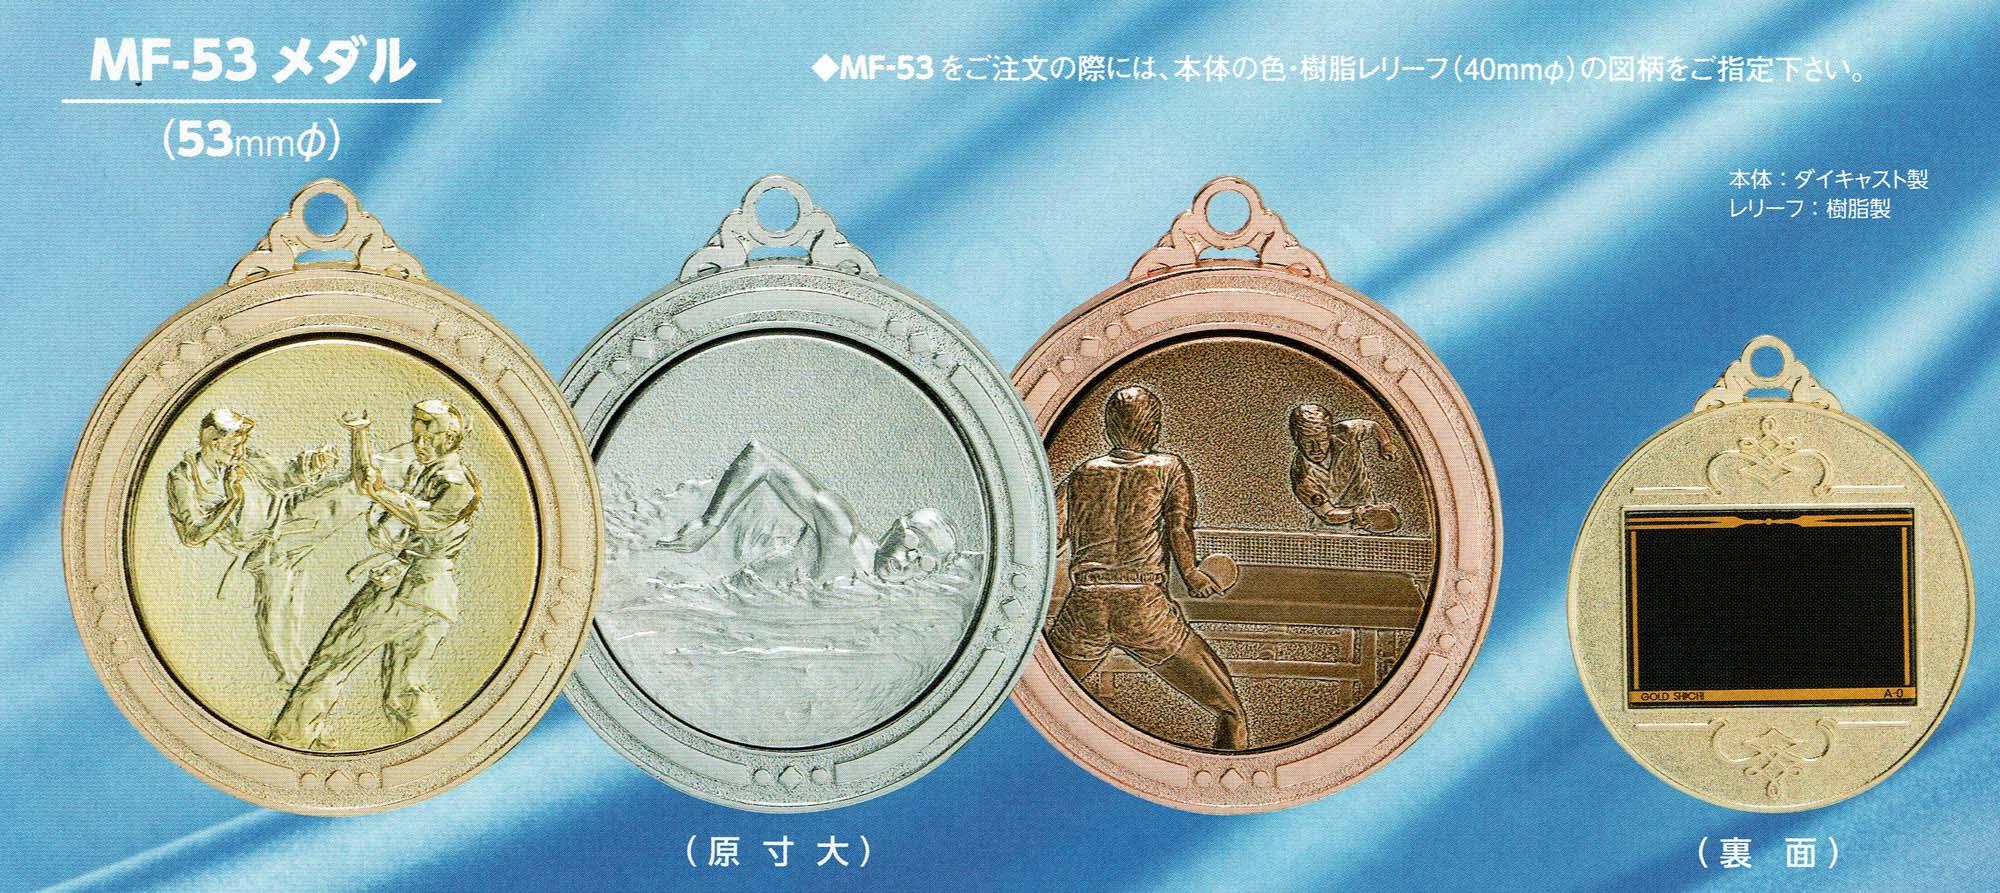 MF-53メダル